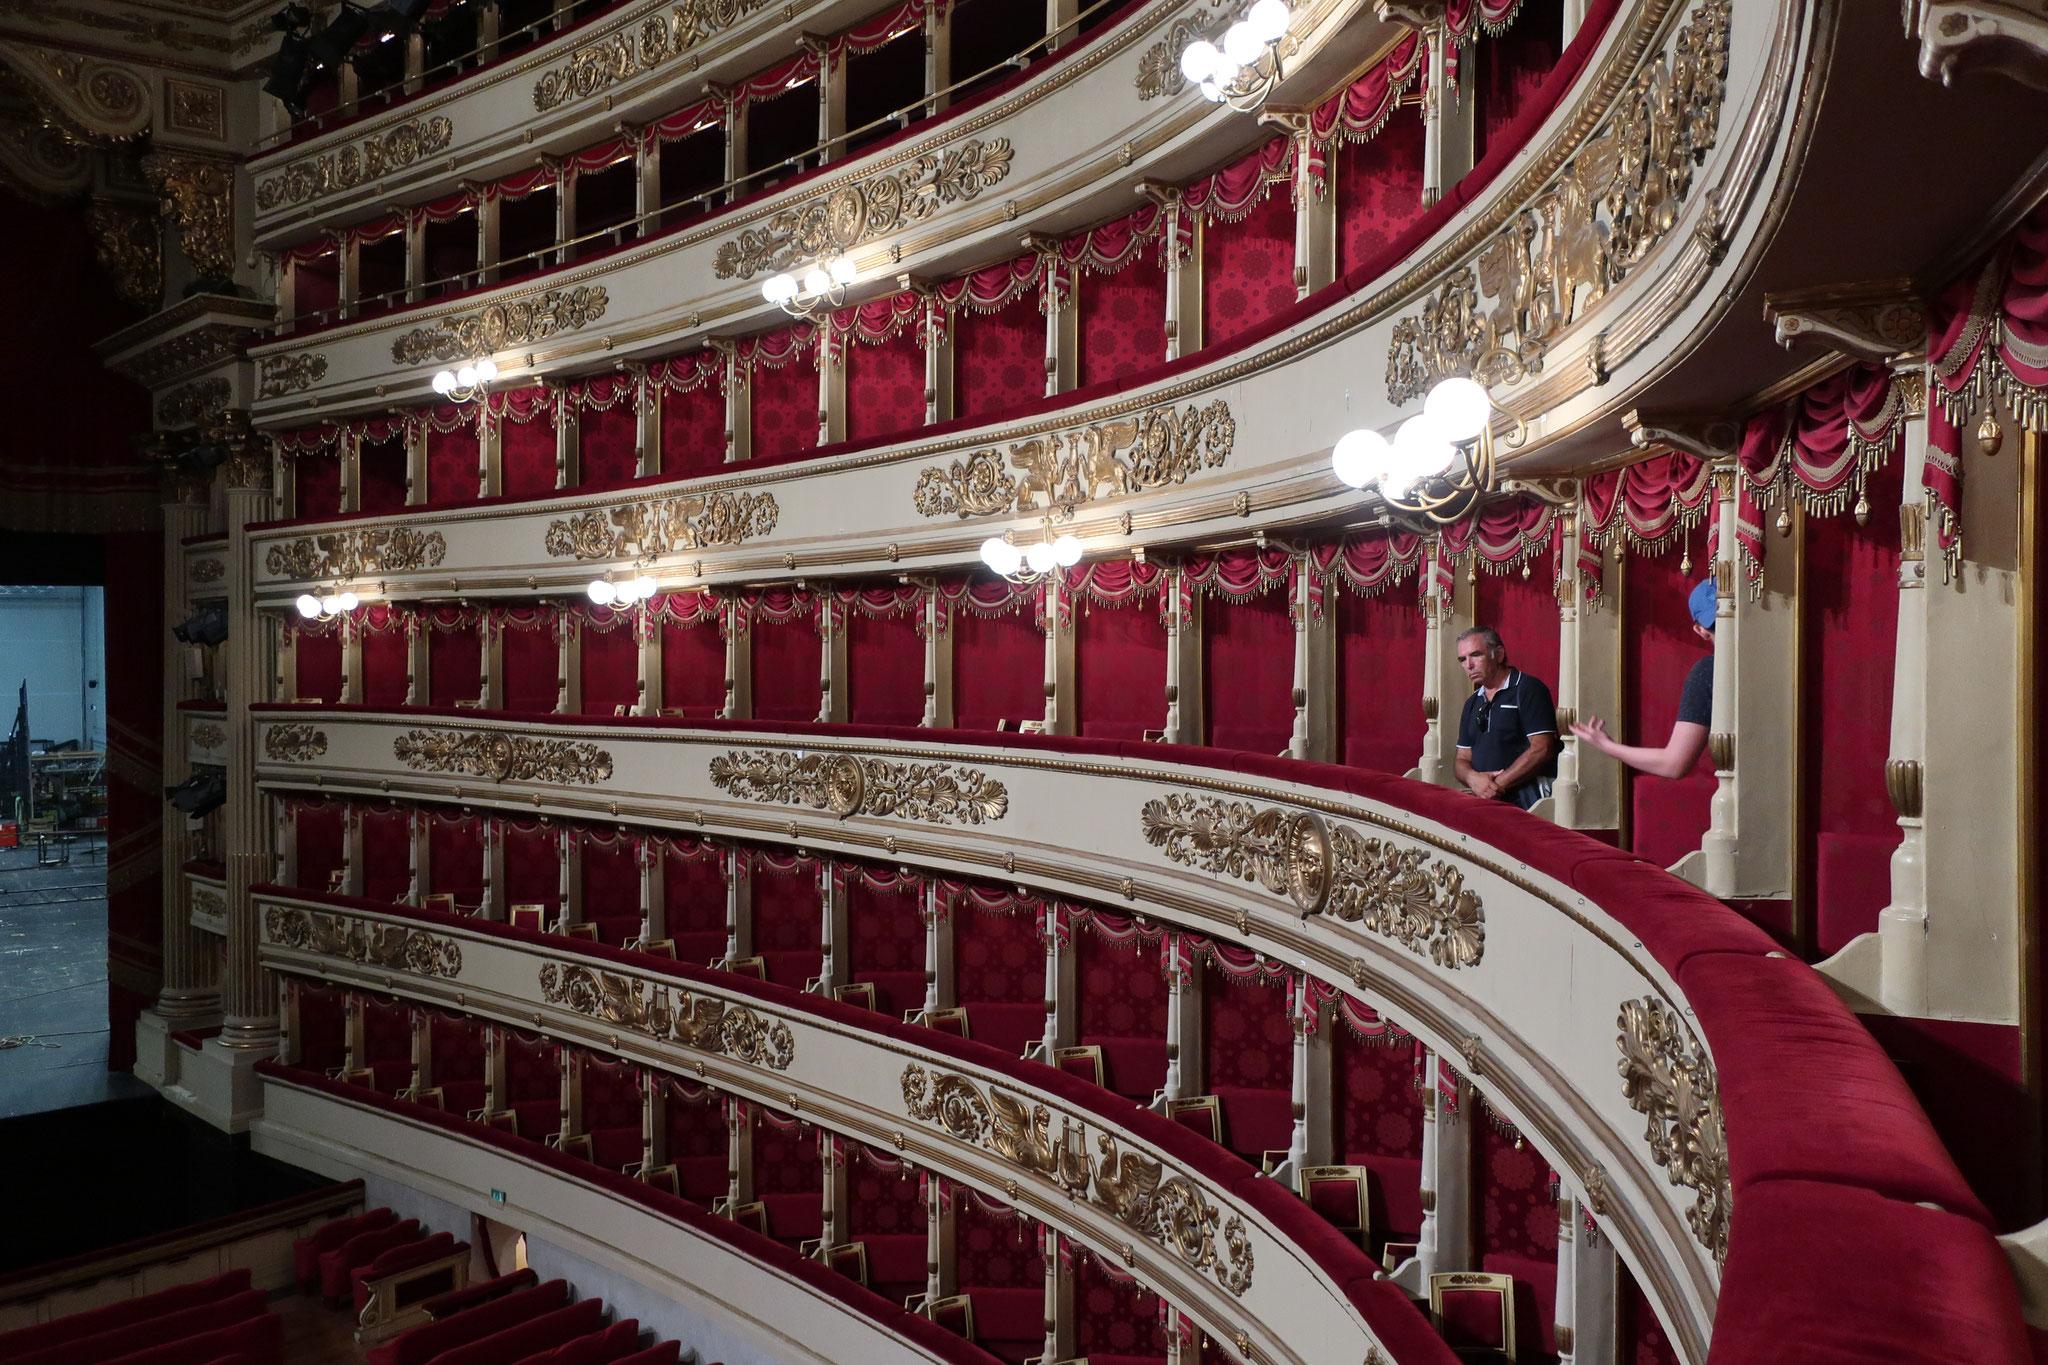 オペラの殿堂「スカラ座」:サンタ・マリア・デッラ・スカラ教会の跡地に建てられたため、スカラ座といいます。